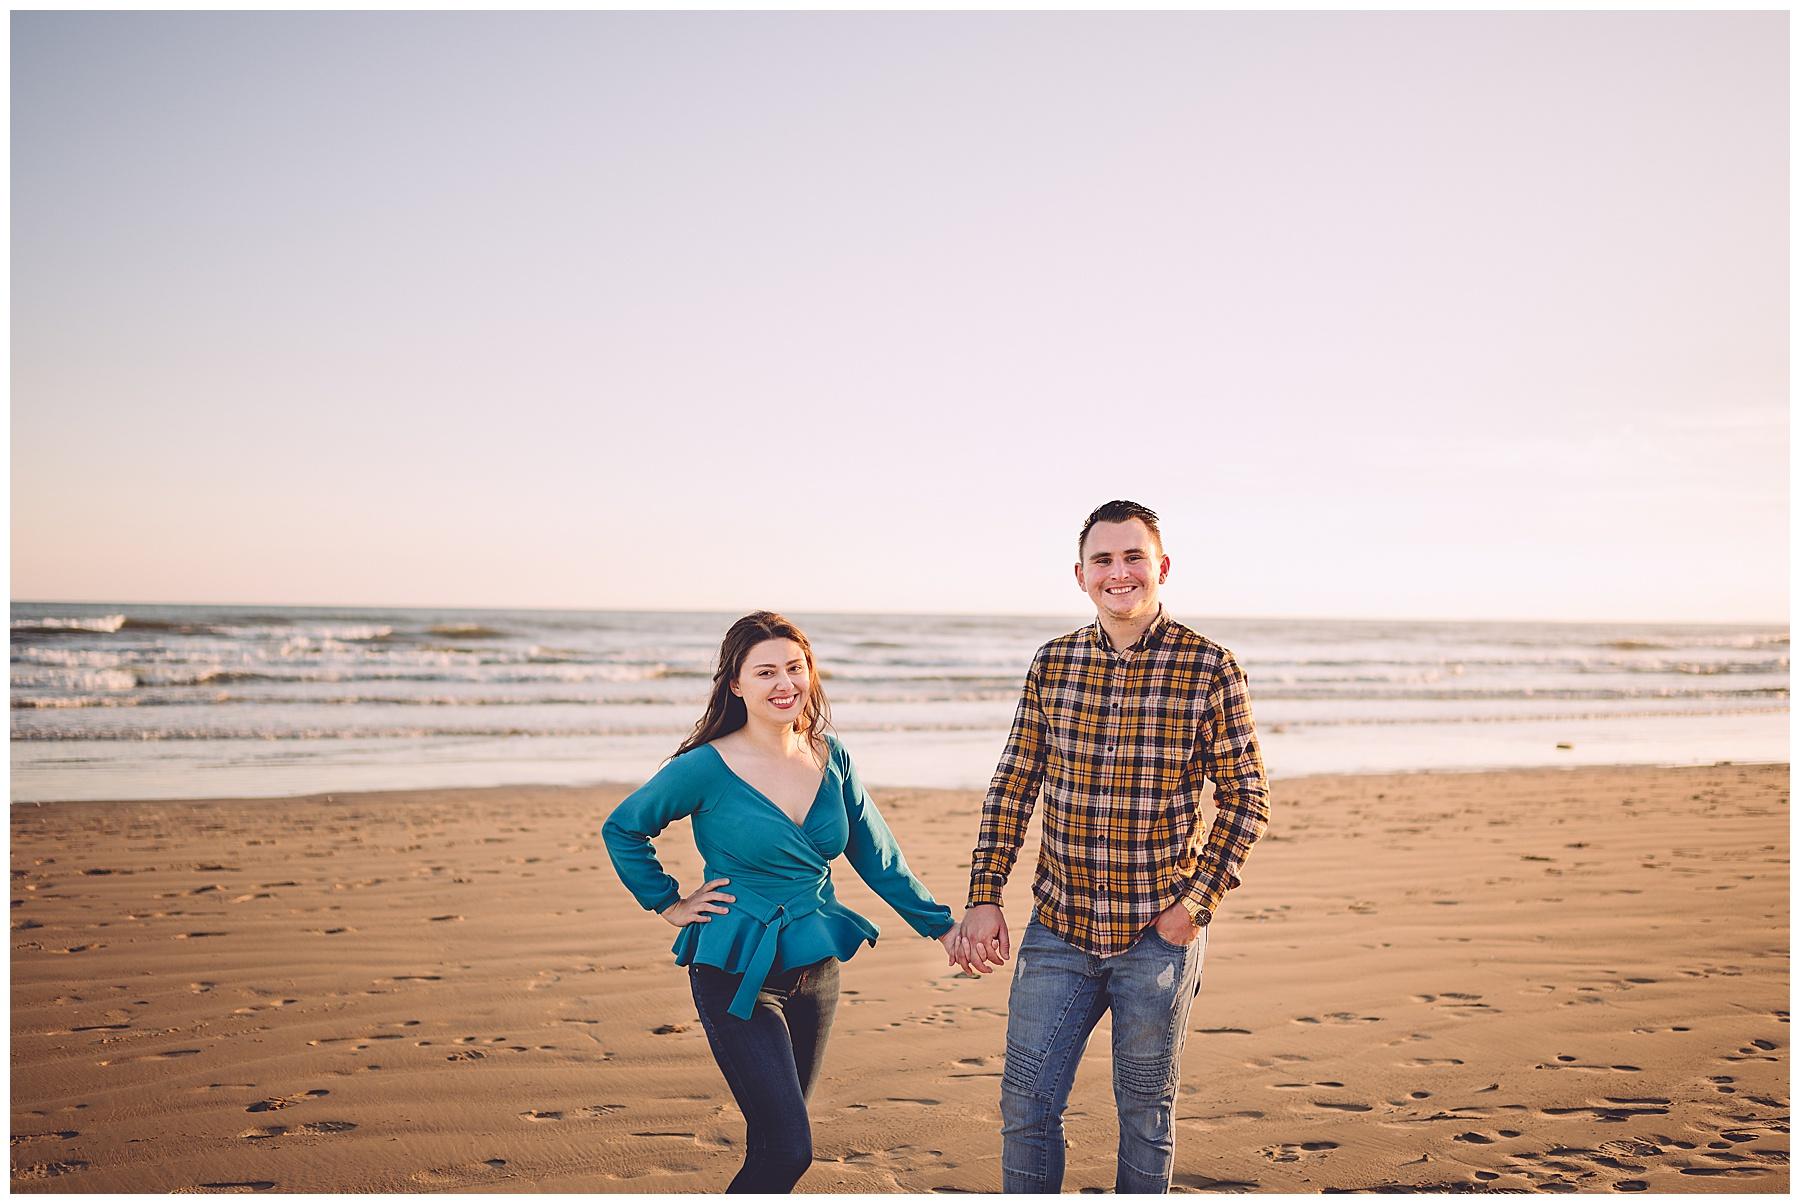 Pembrey Engagement Photos